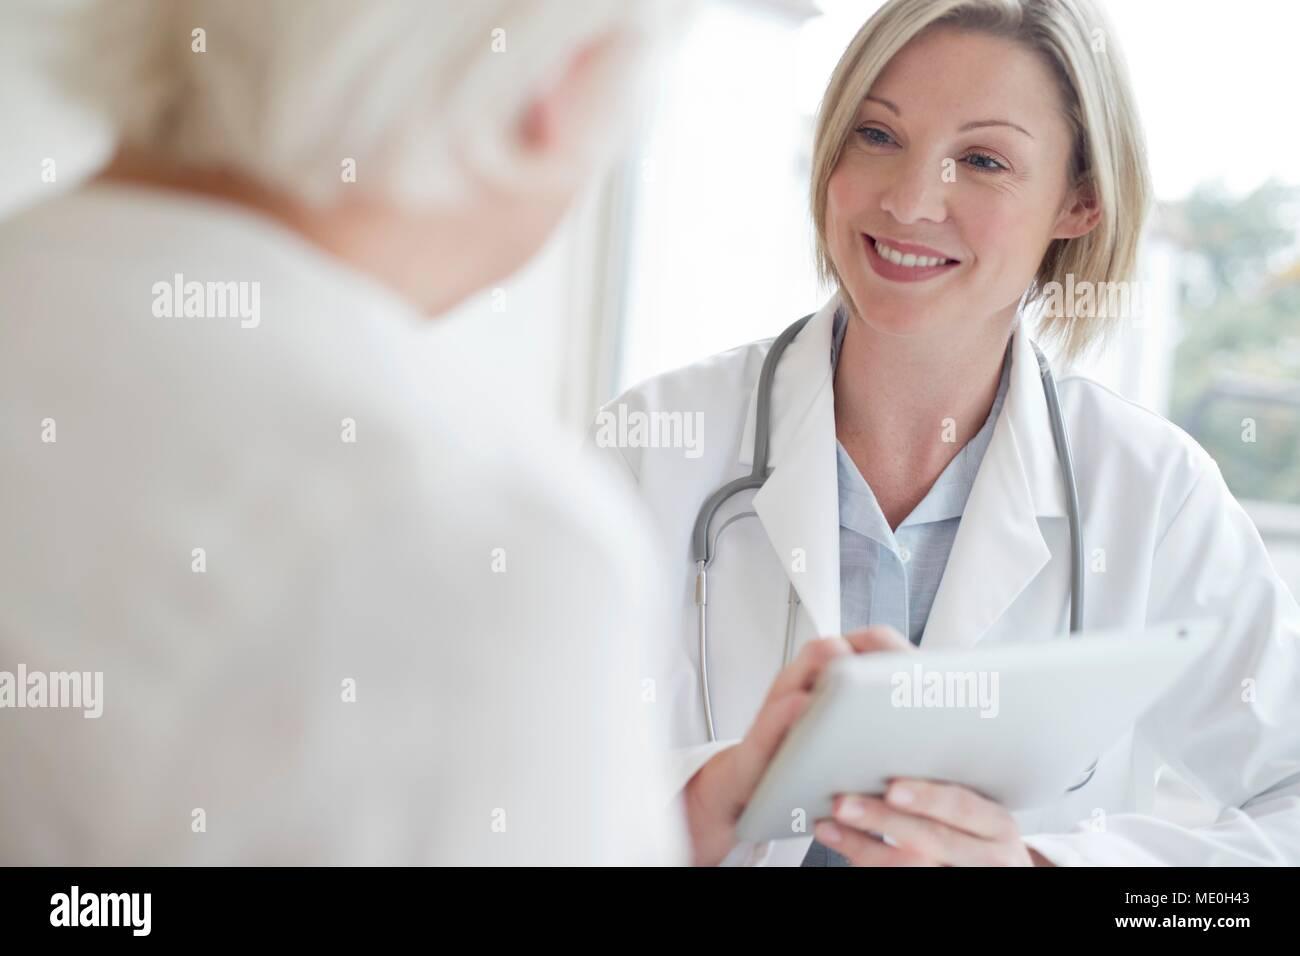 Doctora utilizando digital tablet con paciente. Foto de stock